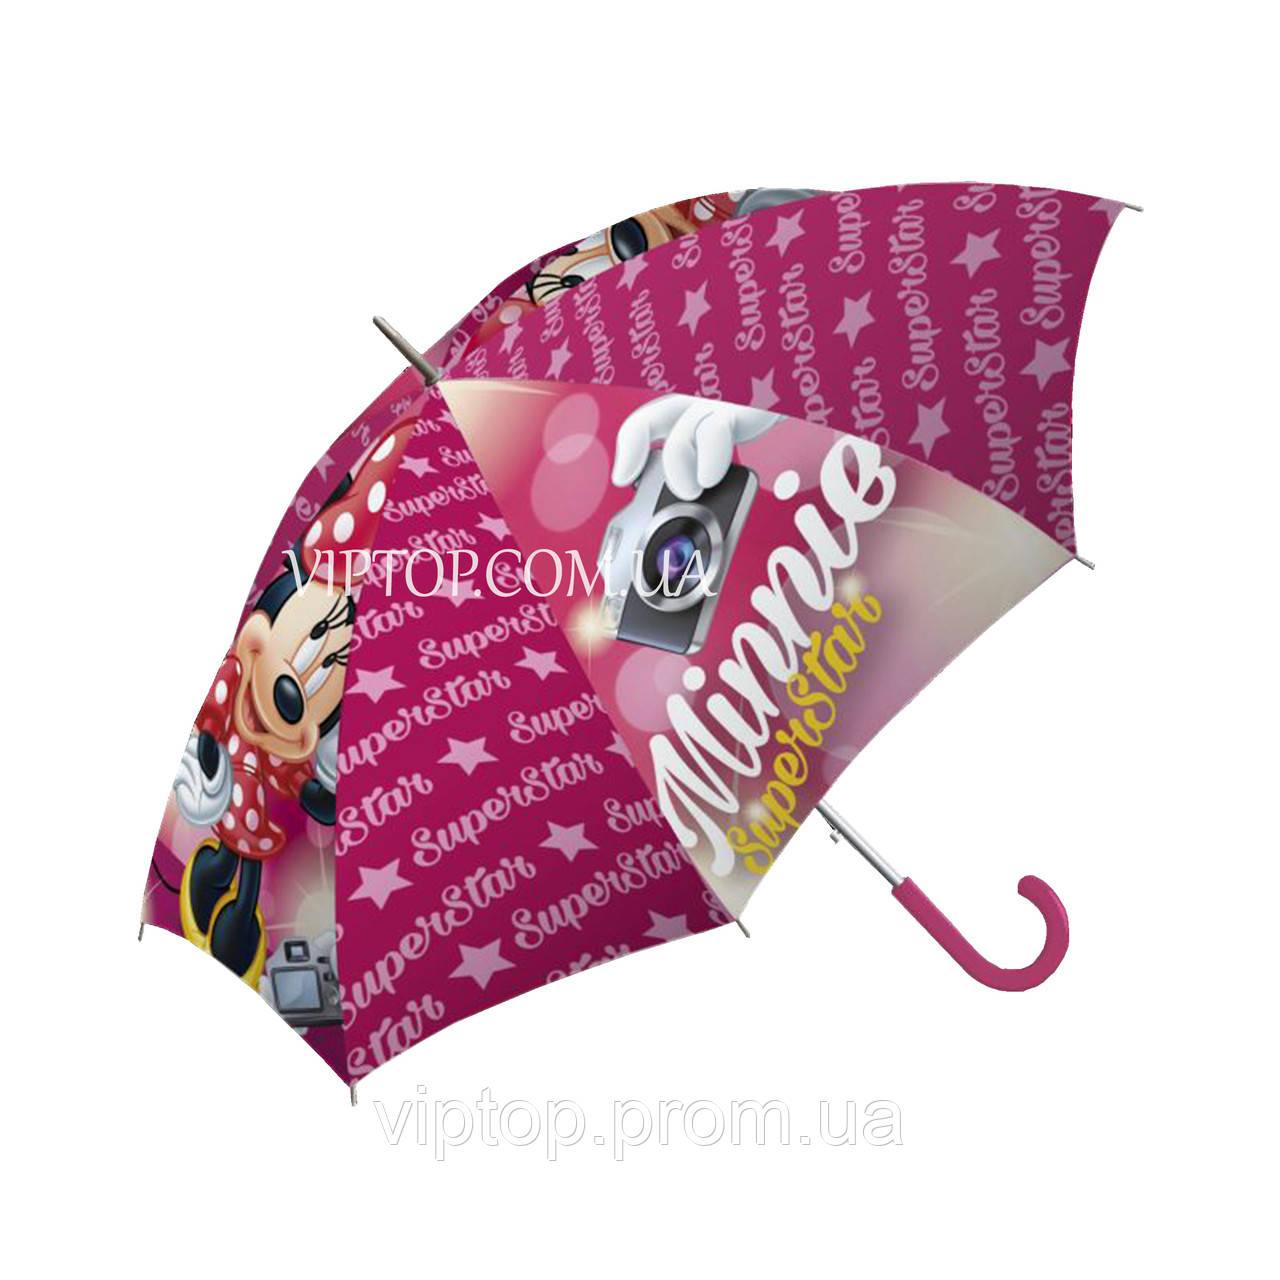 Зонтик-трость Минни DISNEY™ (Minnie Mouse)